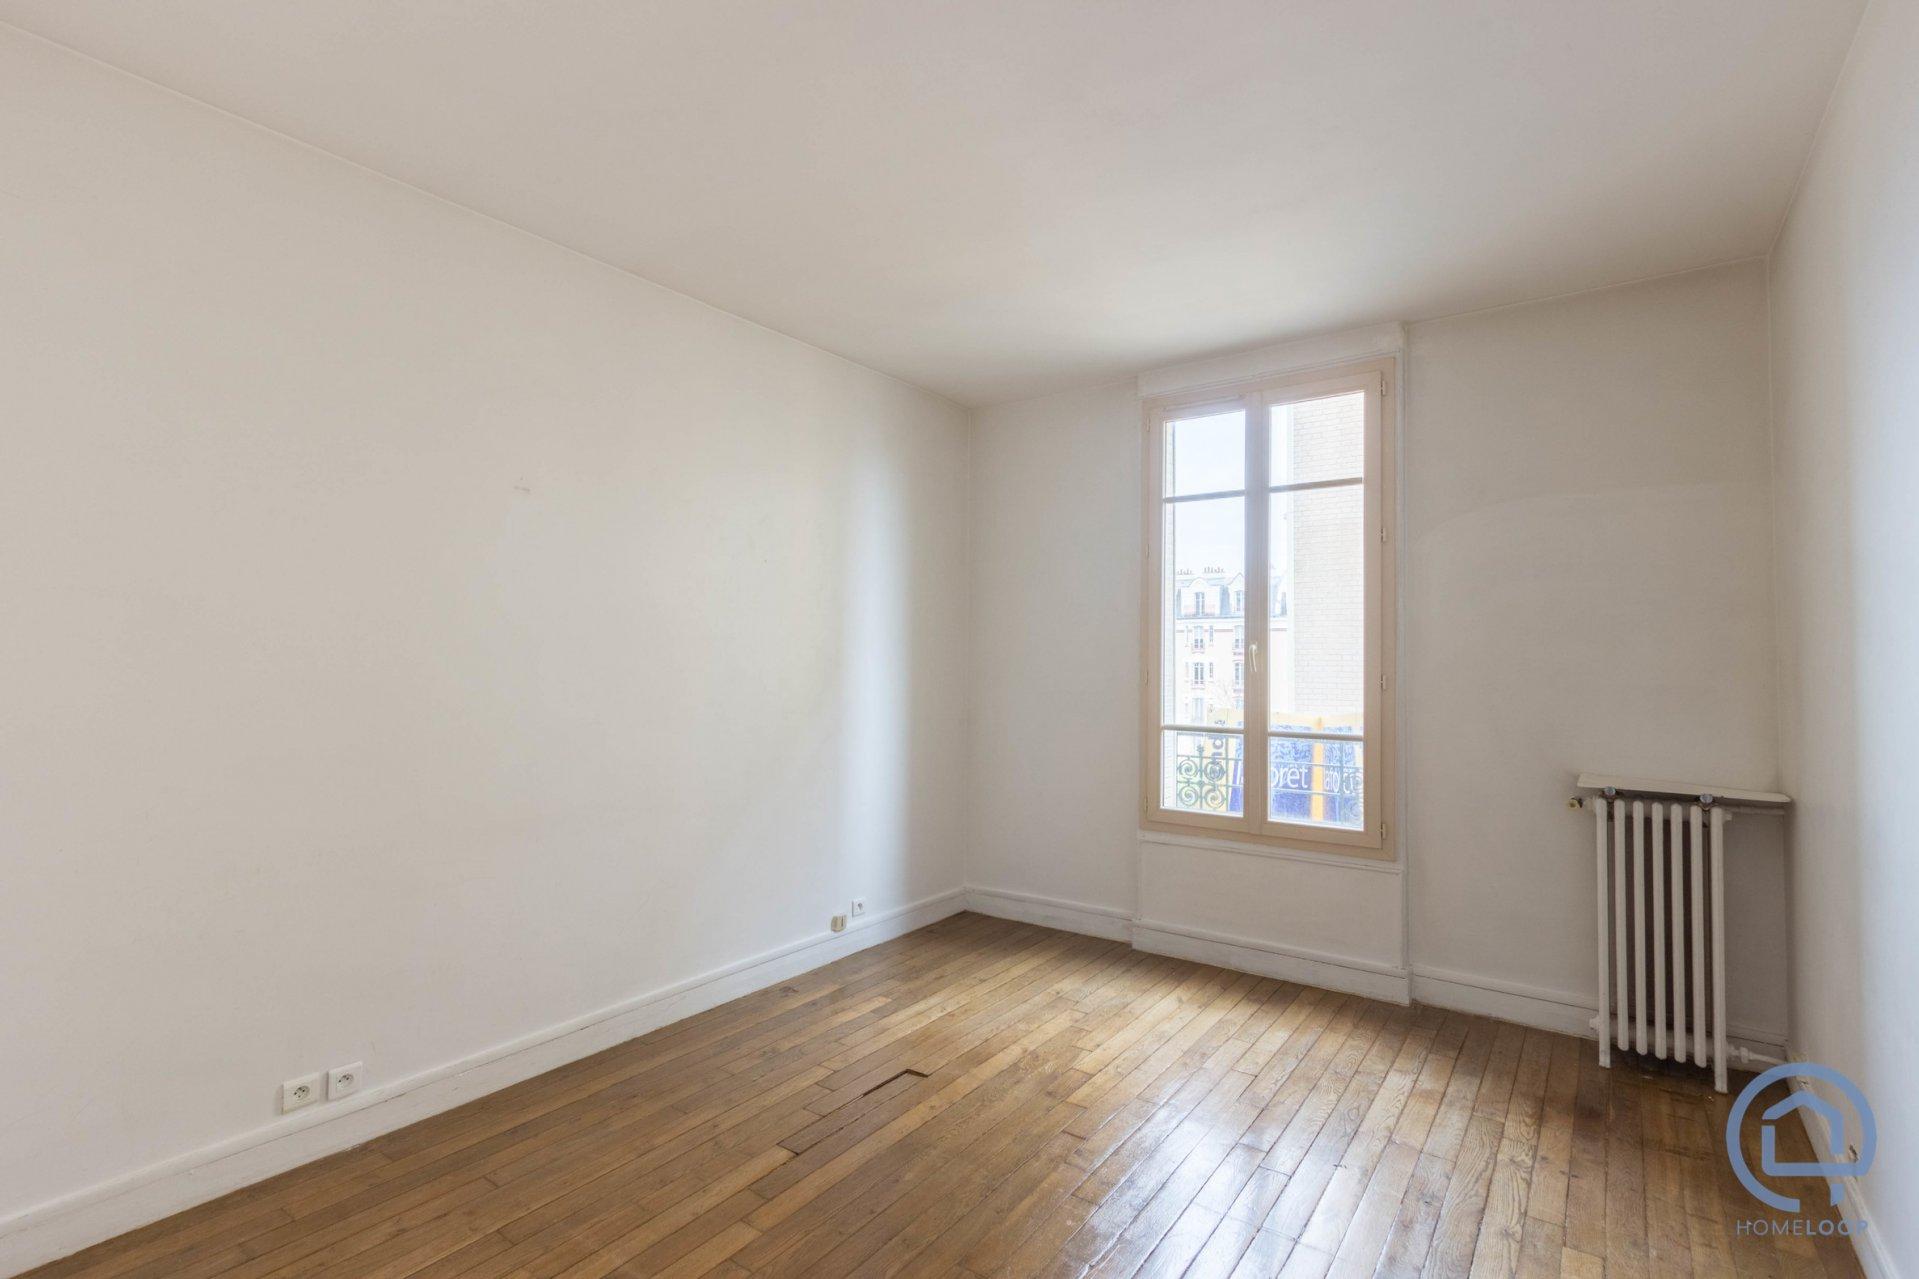 Appartement T3 dans le centre de Courbevoie